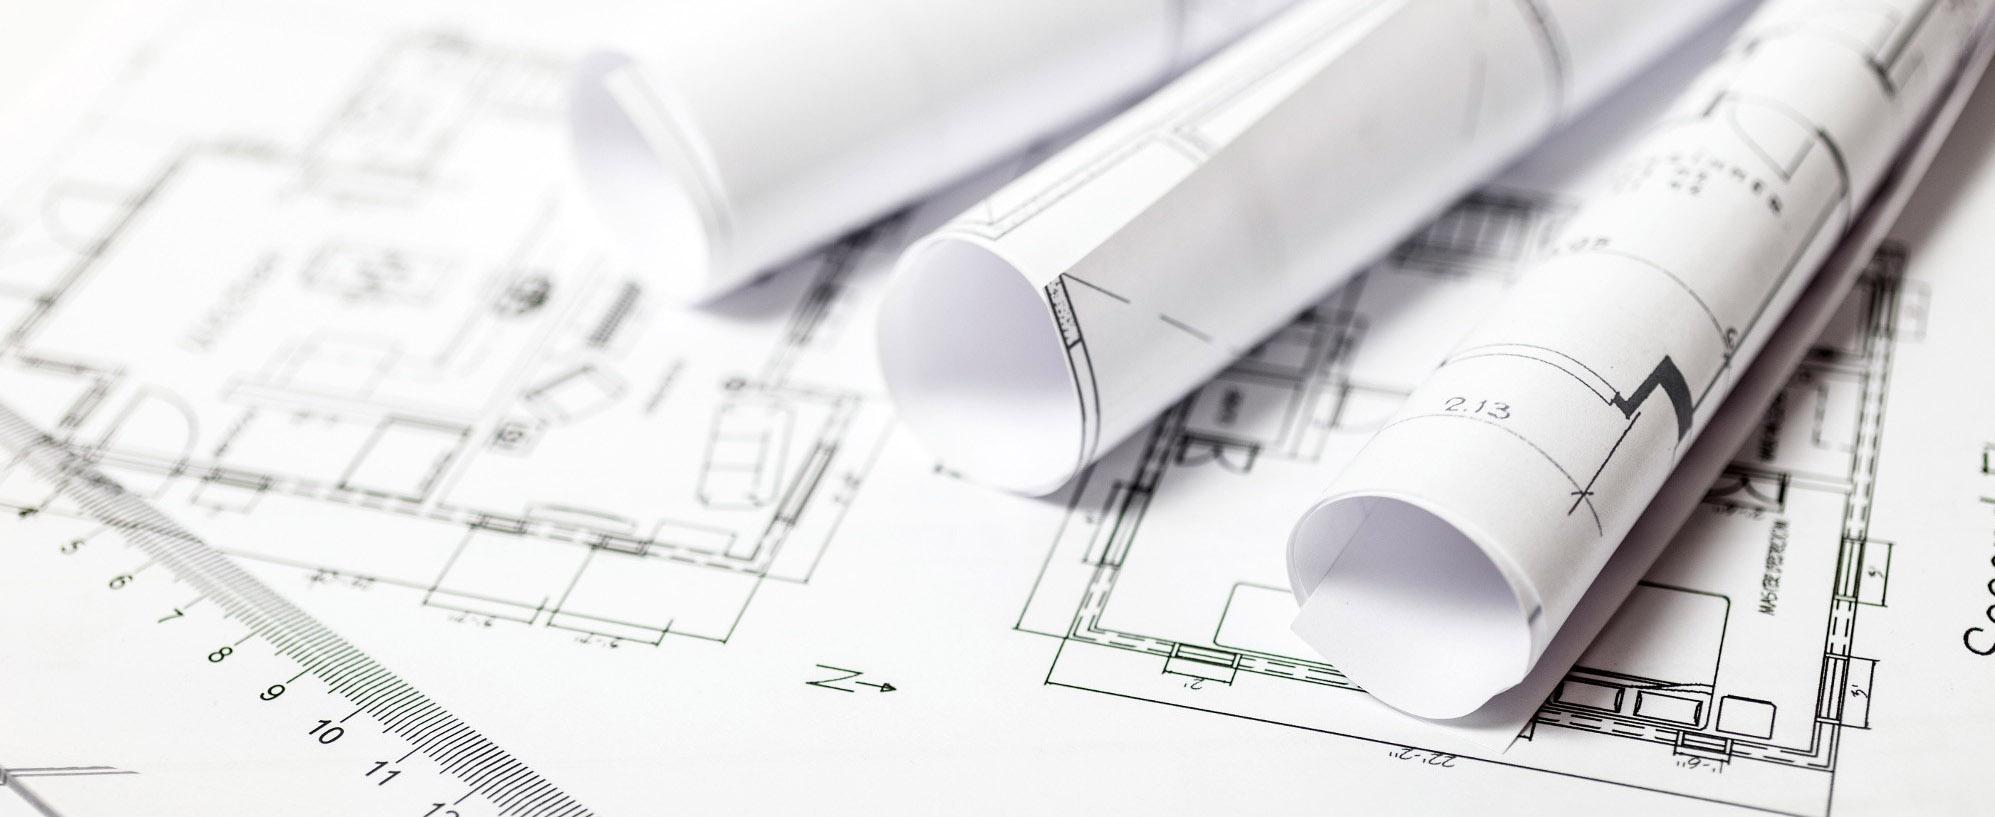 architecte -outil-plan-maison-dessin-regle-crayon